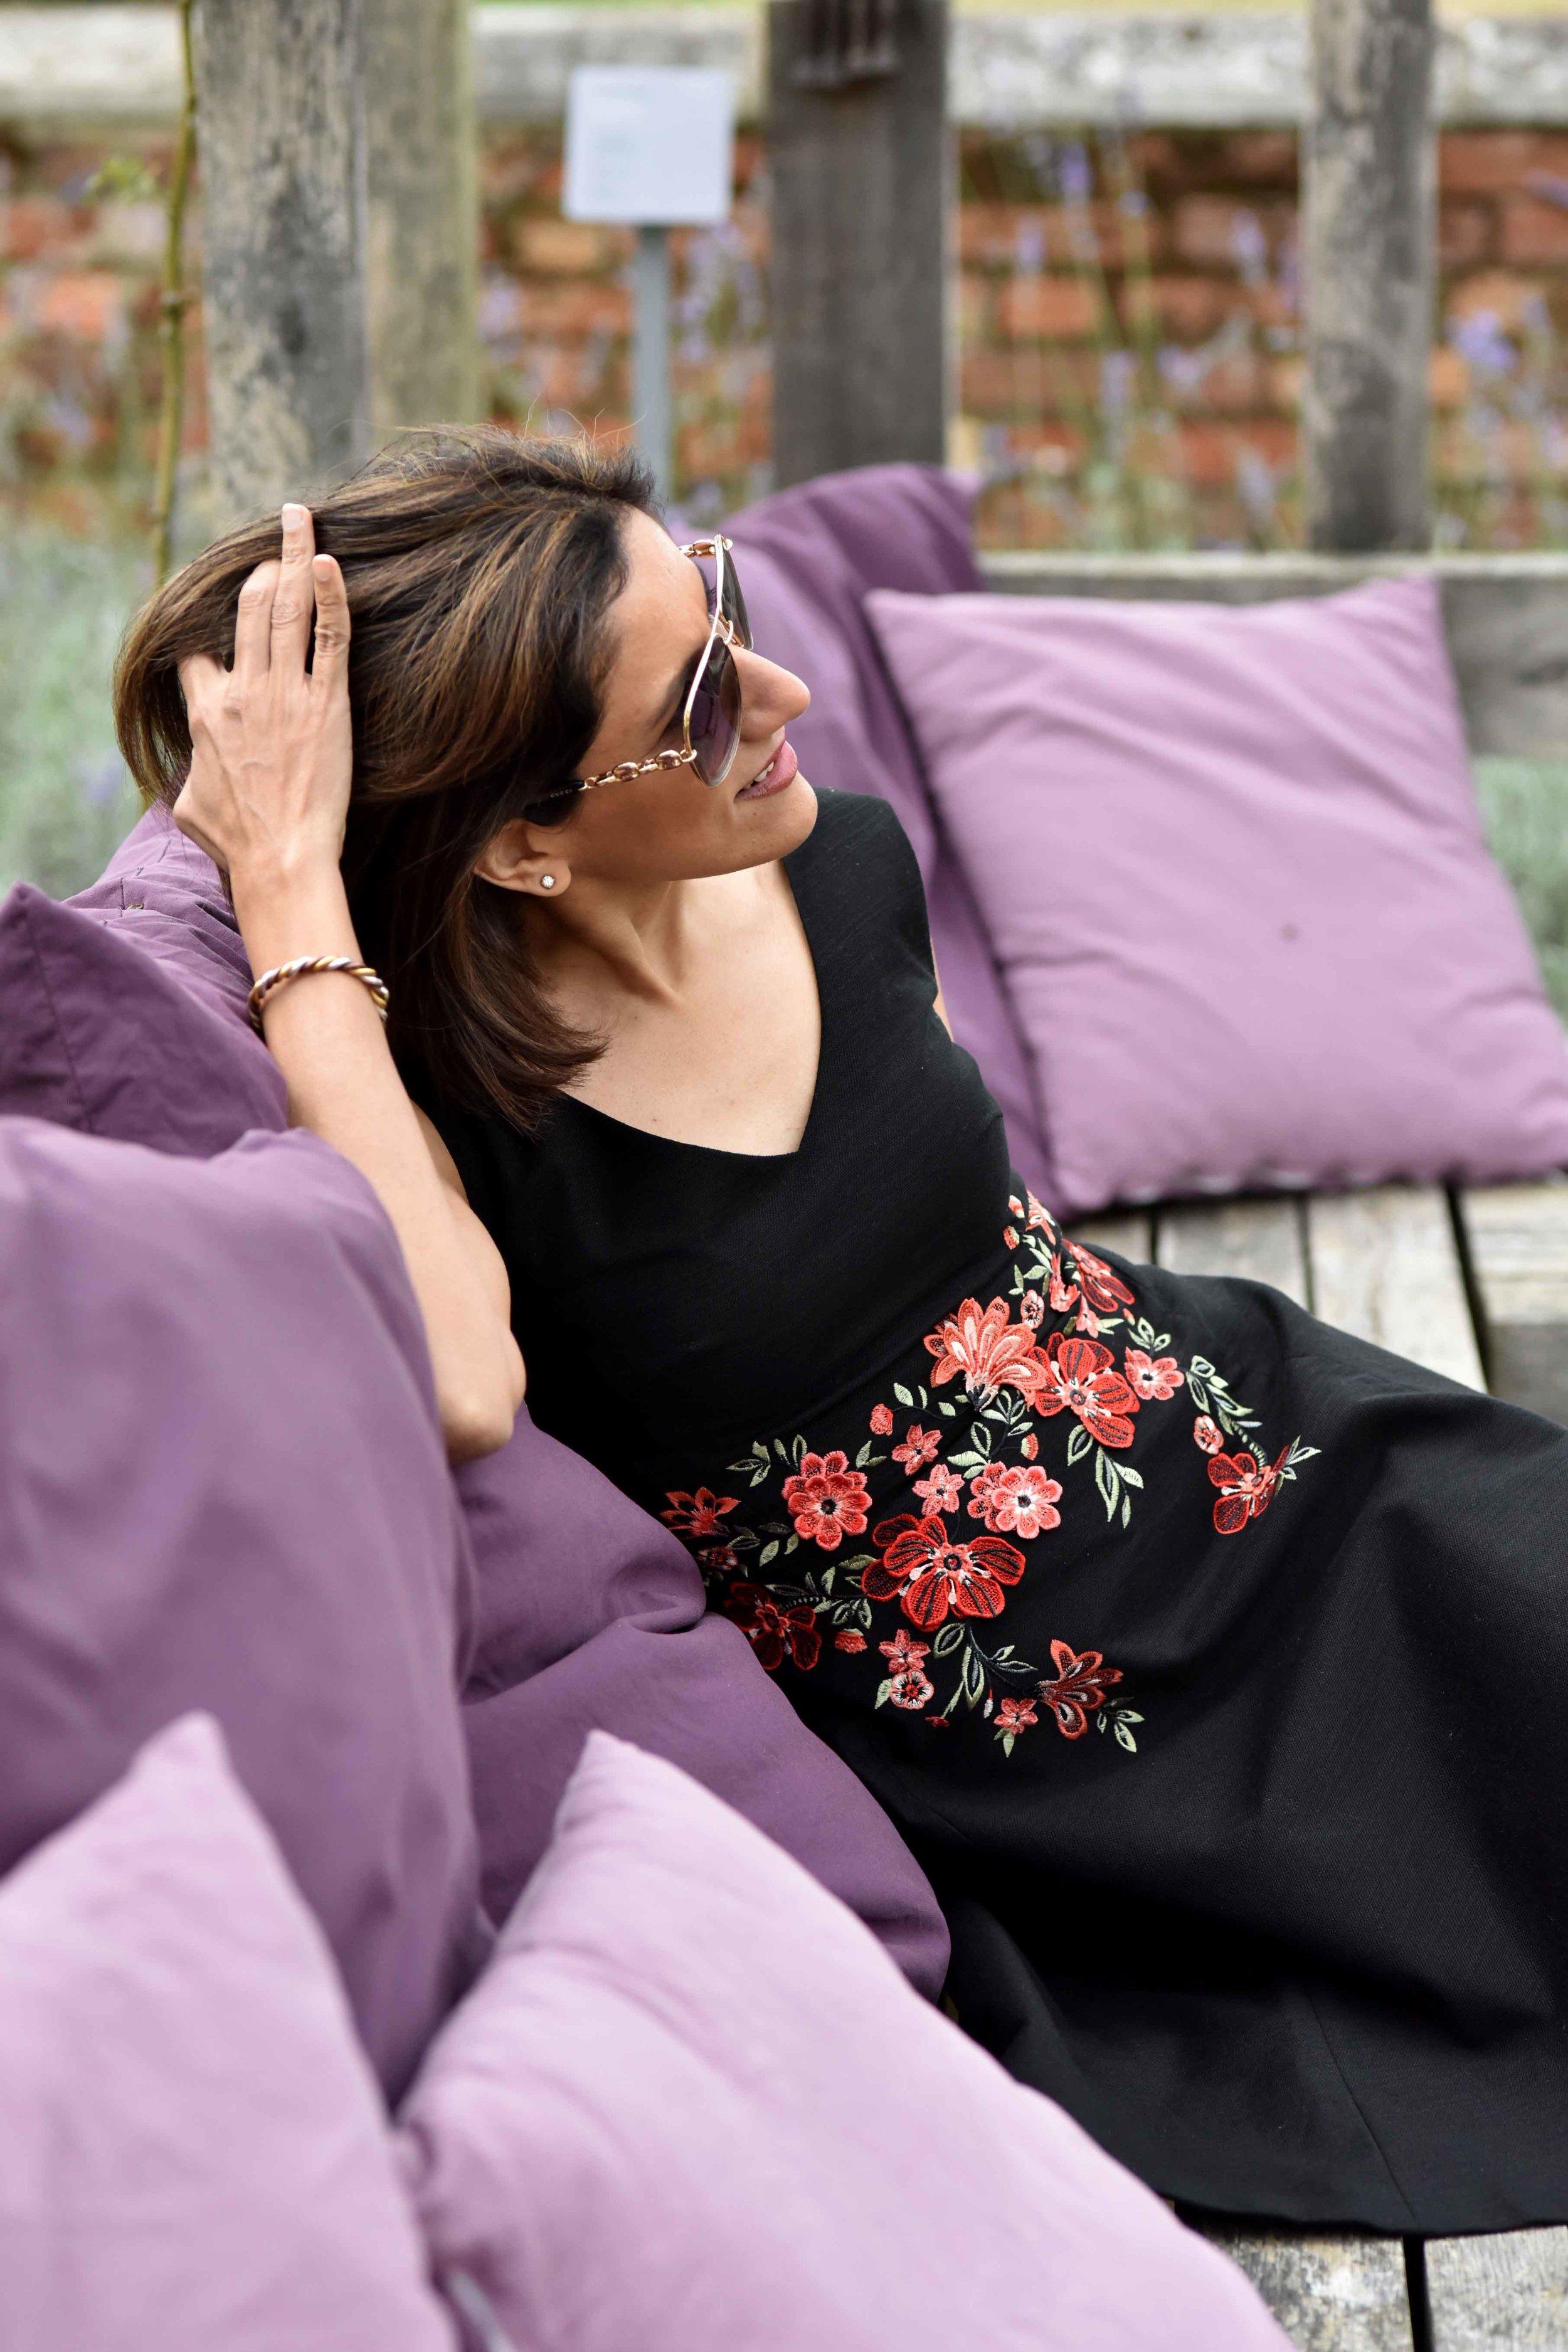 Karen Millen black embroidered dress, Coworth Park hotel, Dorchester Collection, UK. Image©sourcingstyle.com